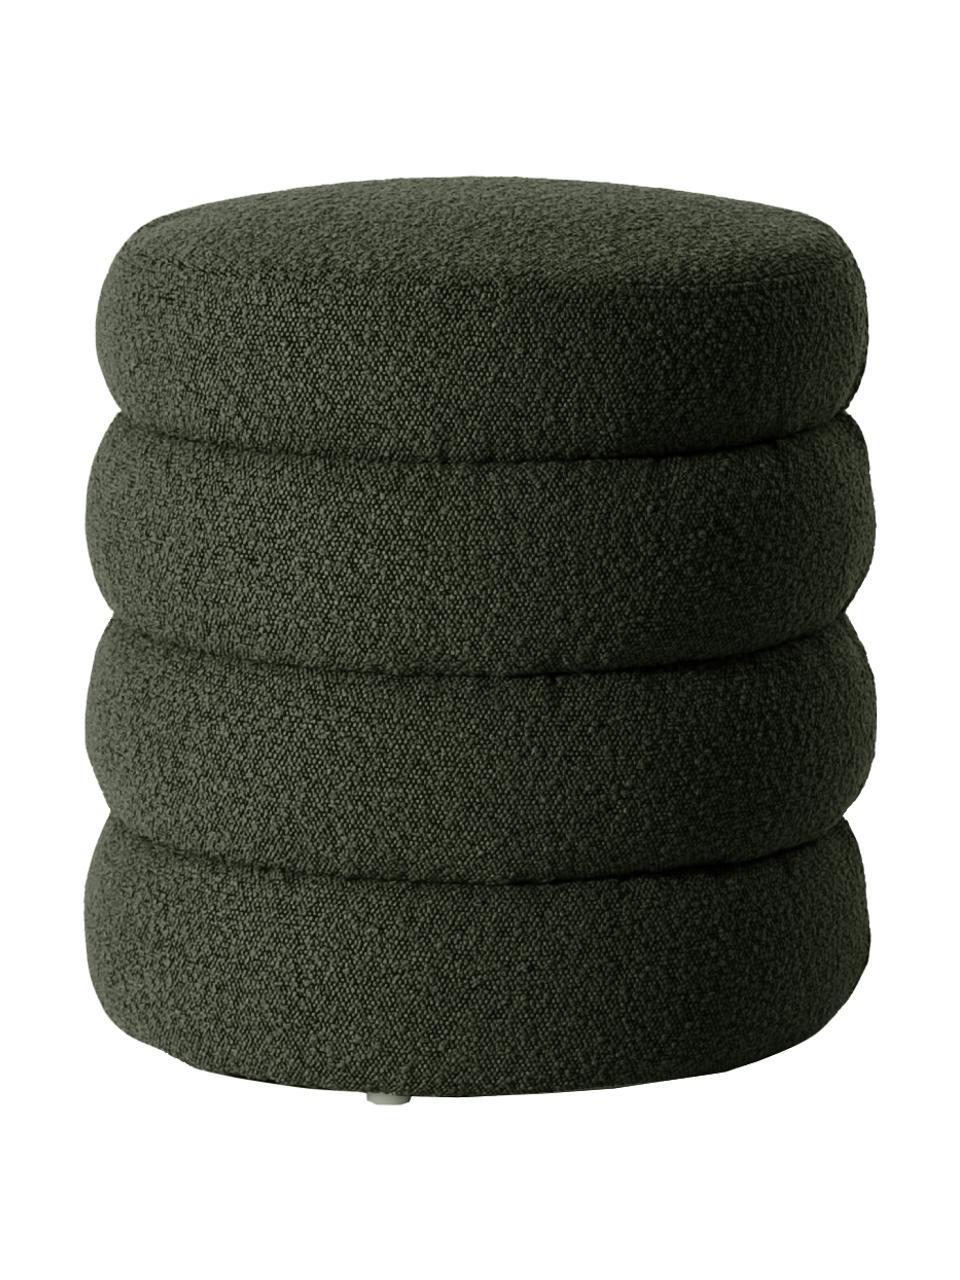 Sgabello in tessuto bouclé verde Alto, Rivestimento: 100% poliestere (pellicci, Struttura: legno di pino massiccio, , Bouclé verde, Ø 42 x Alt. 47 cm